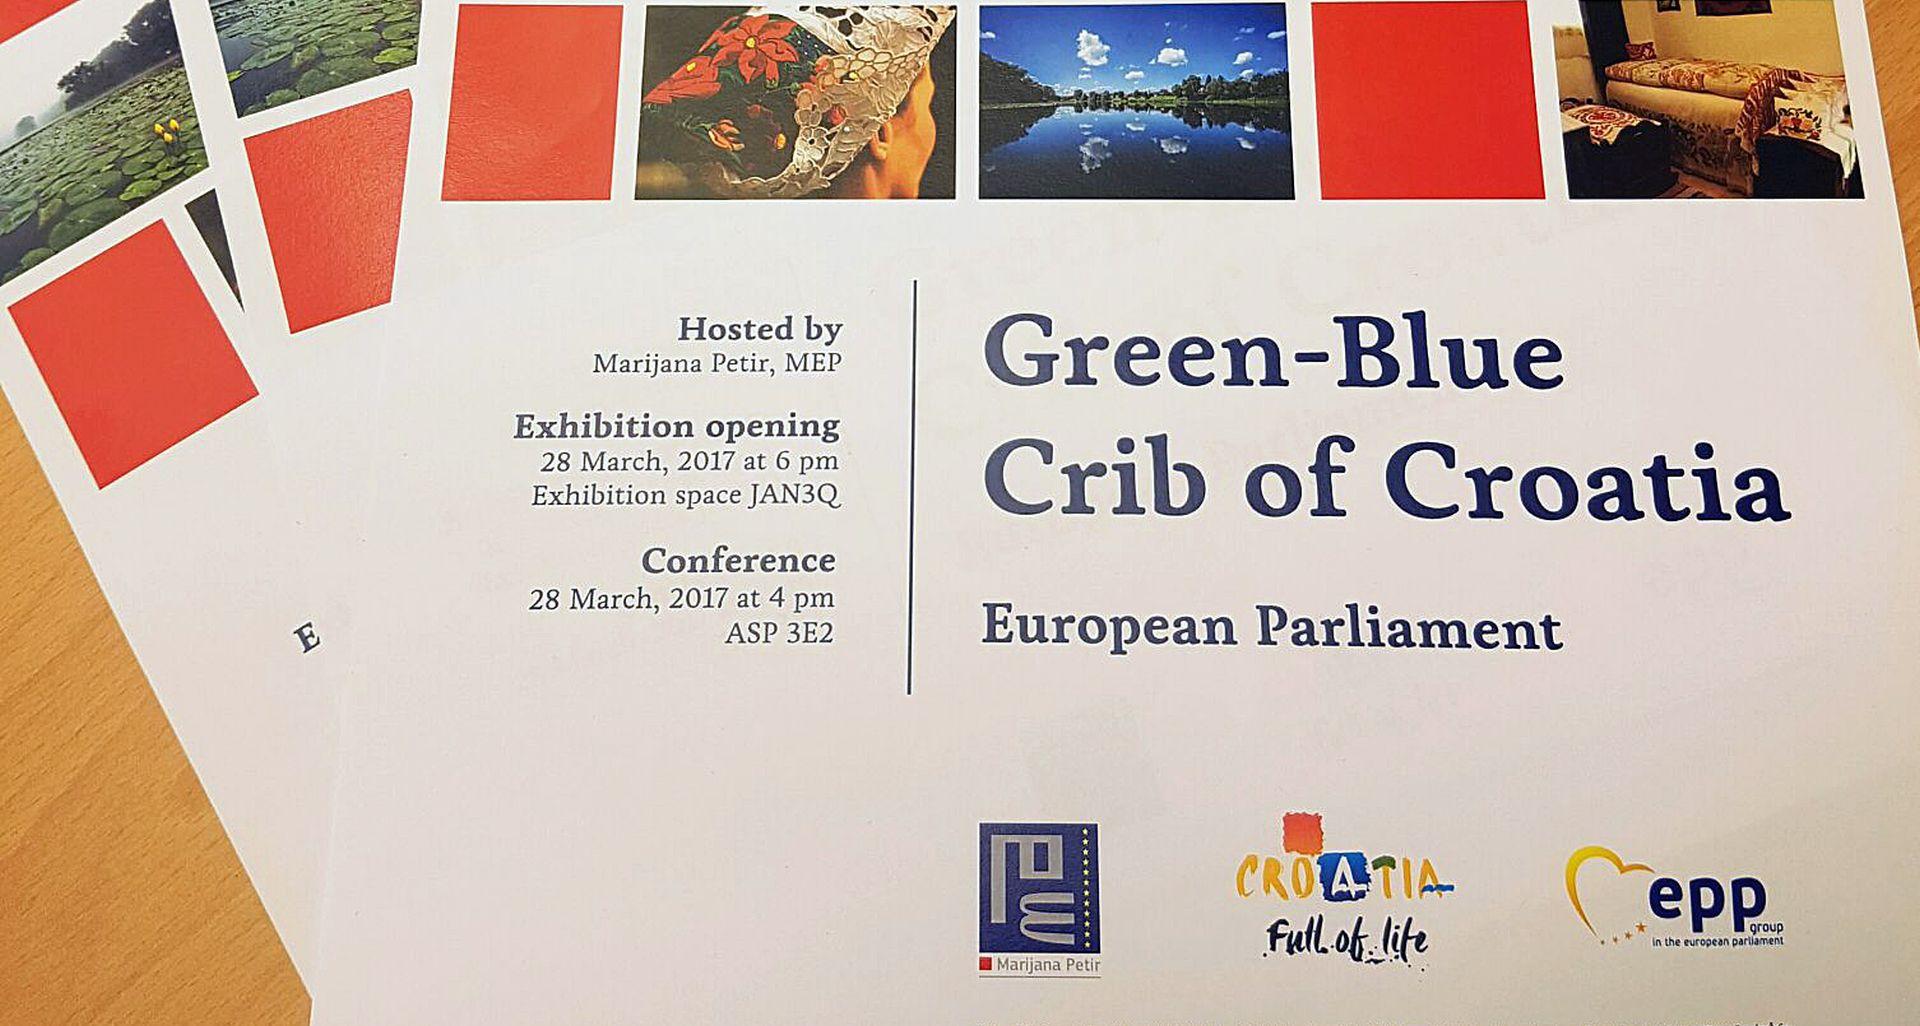 """Izložba """"Zeleno-plava zipka Hrvatske"""" od 28. do 31. ožujka u EU parlamentu"""